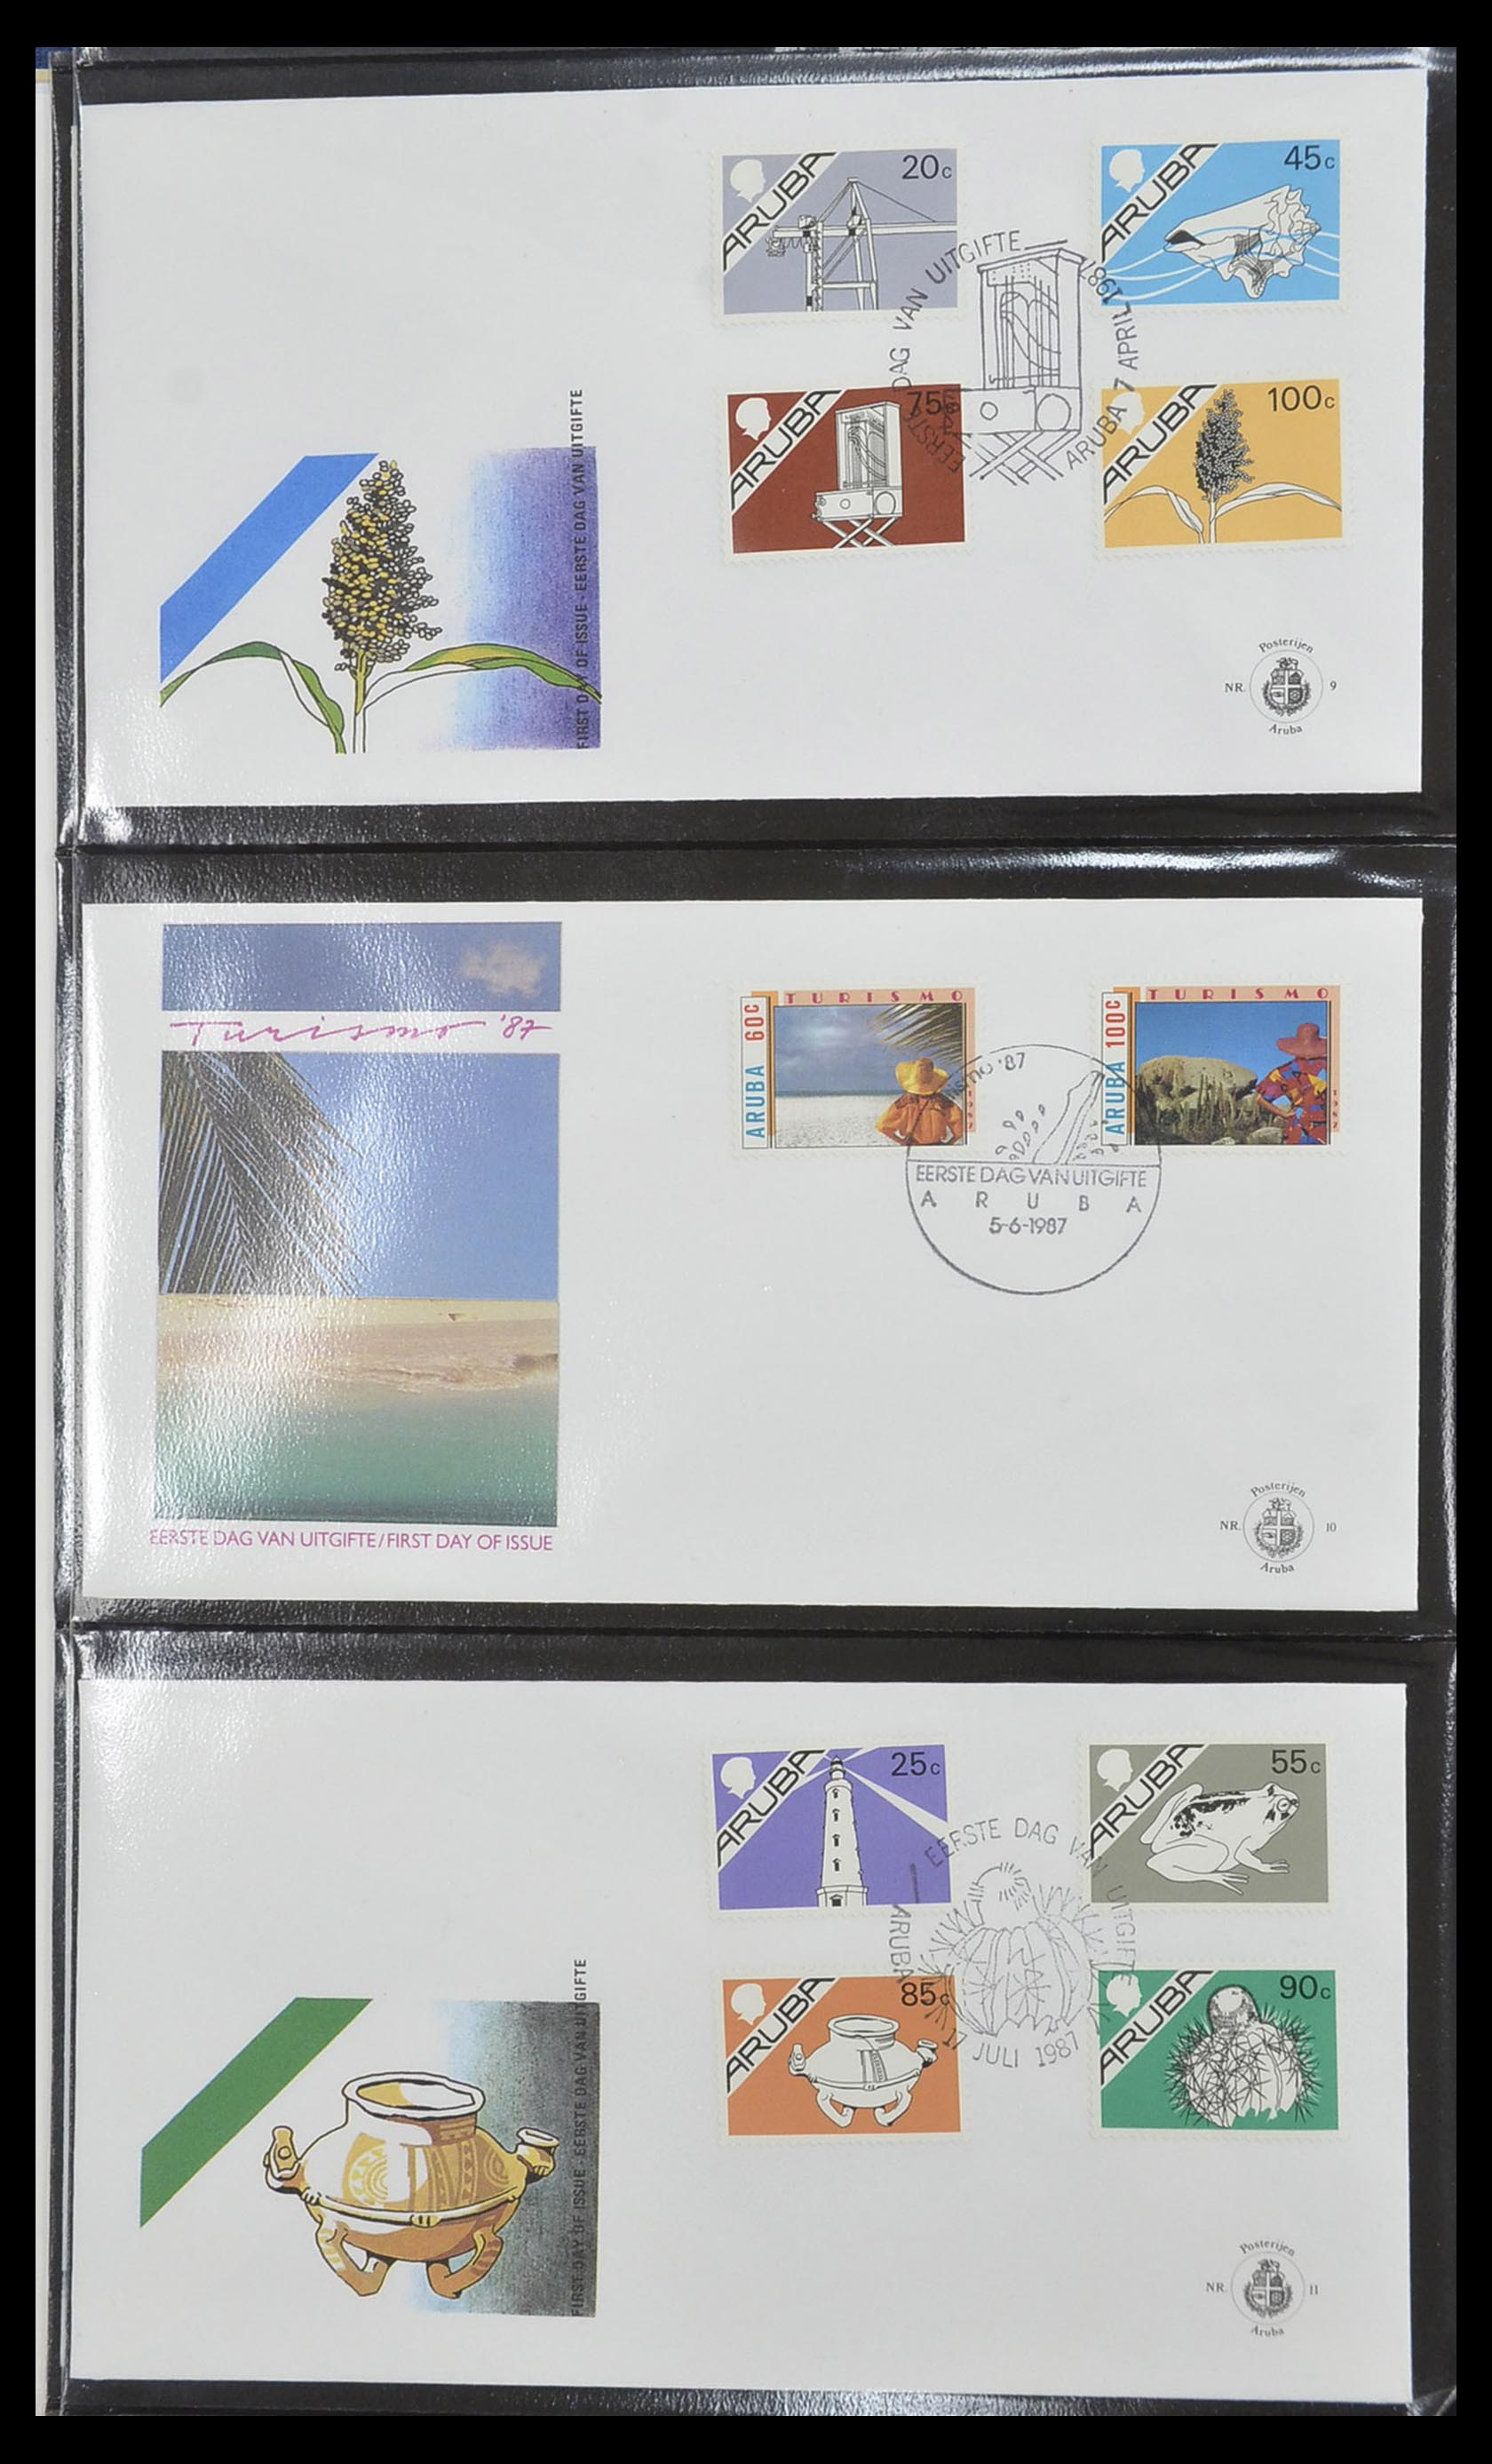 33585 004 - Postzegelverzameling 33585 Aruba FDC's 1986-2006.